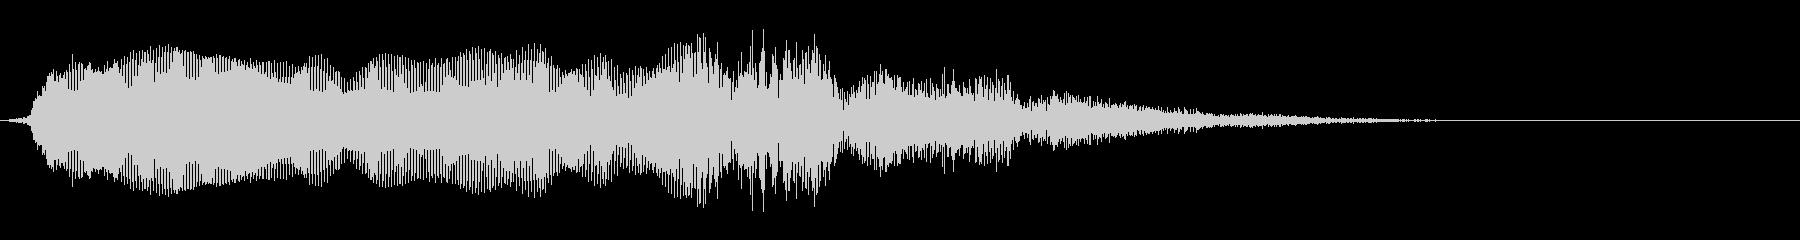 スムーズなシンセアクセント3の未再生の波形